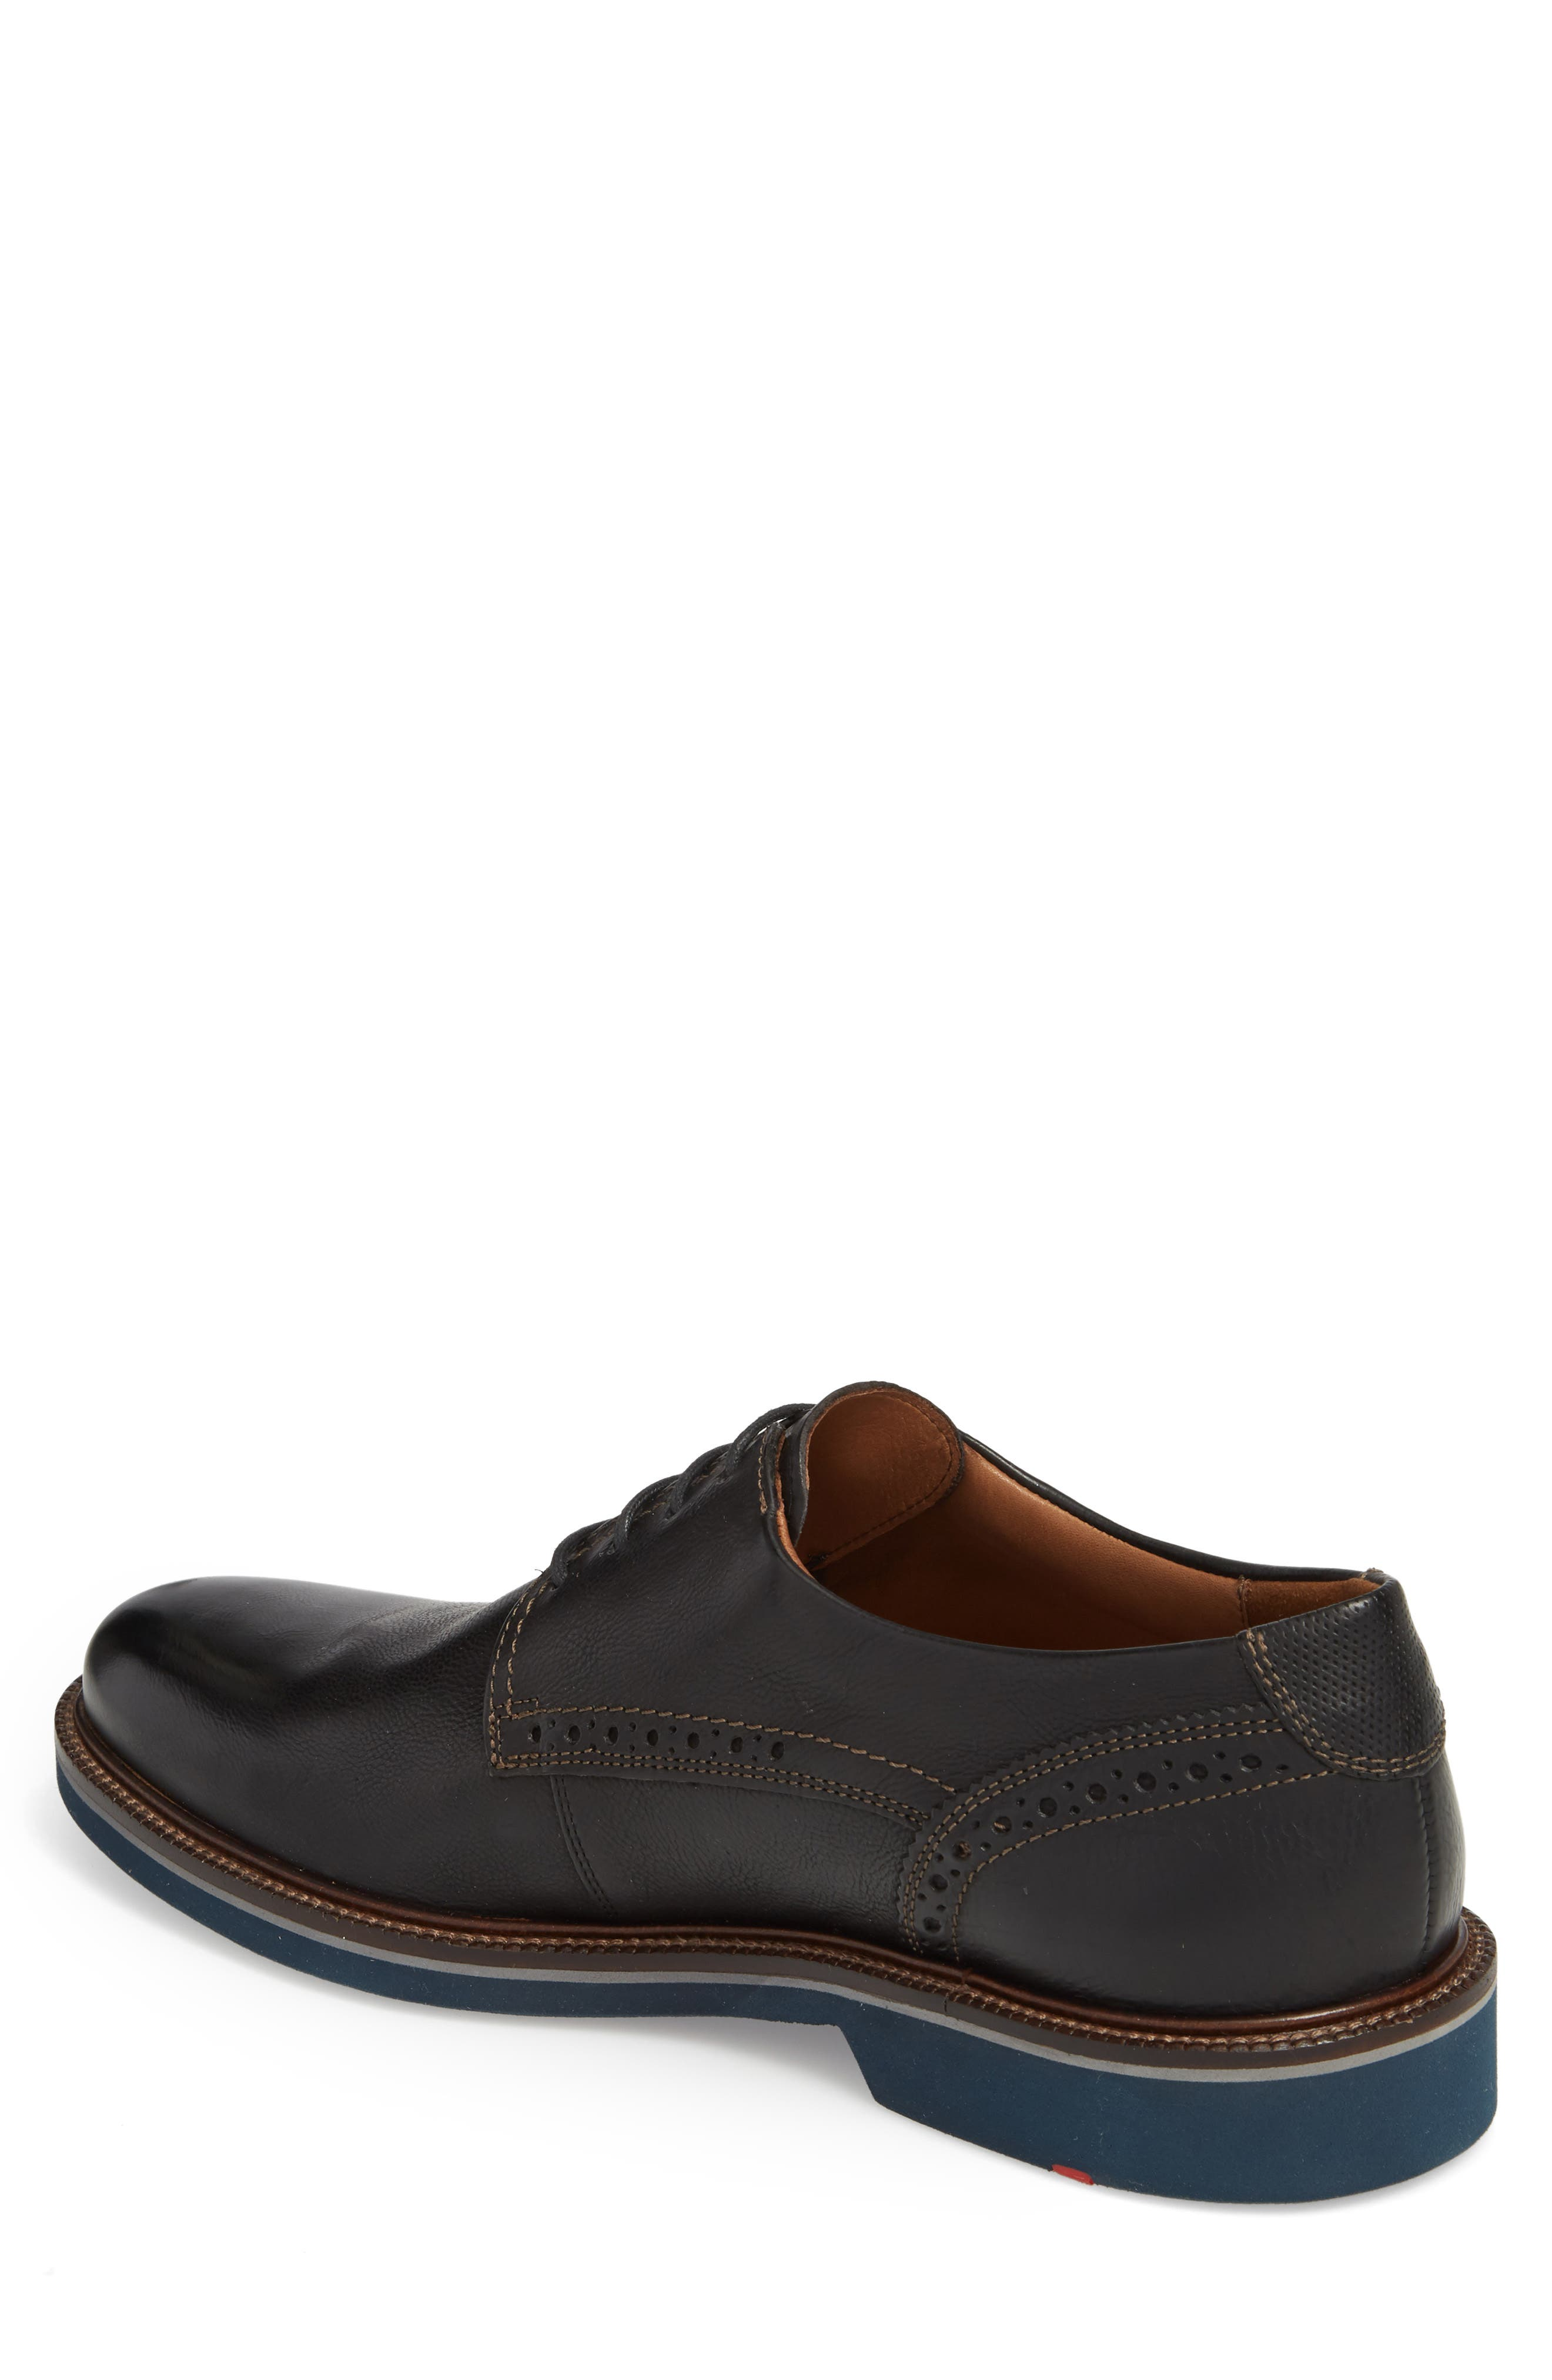 Hagen Plain Toe Derby,                             Alternate thumbnail 2, color,                             Black Leather